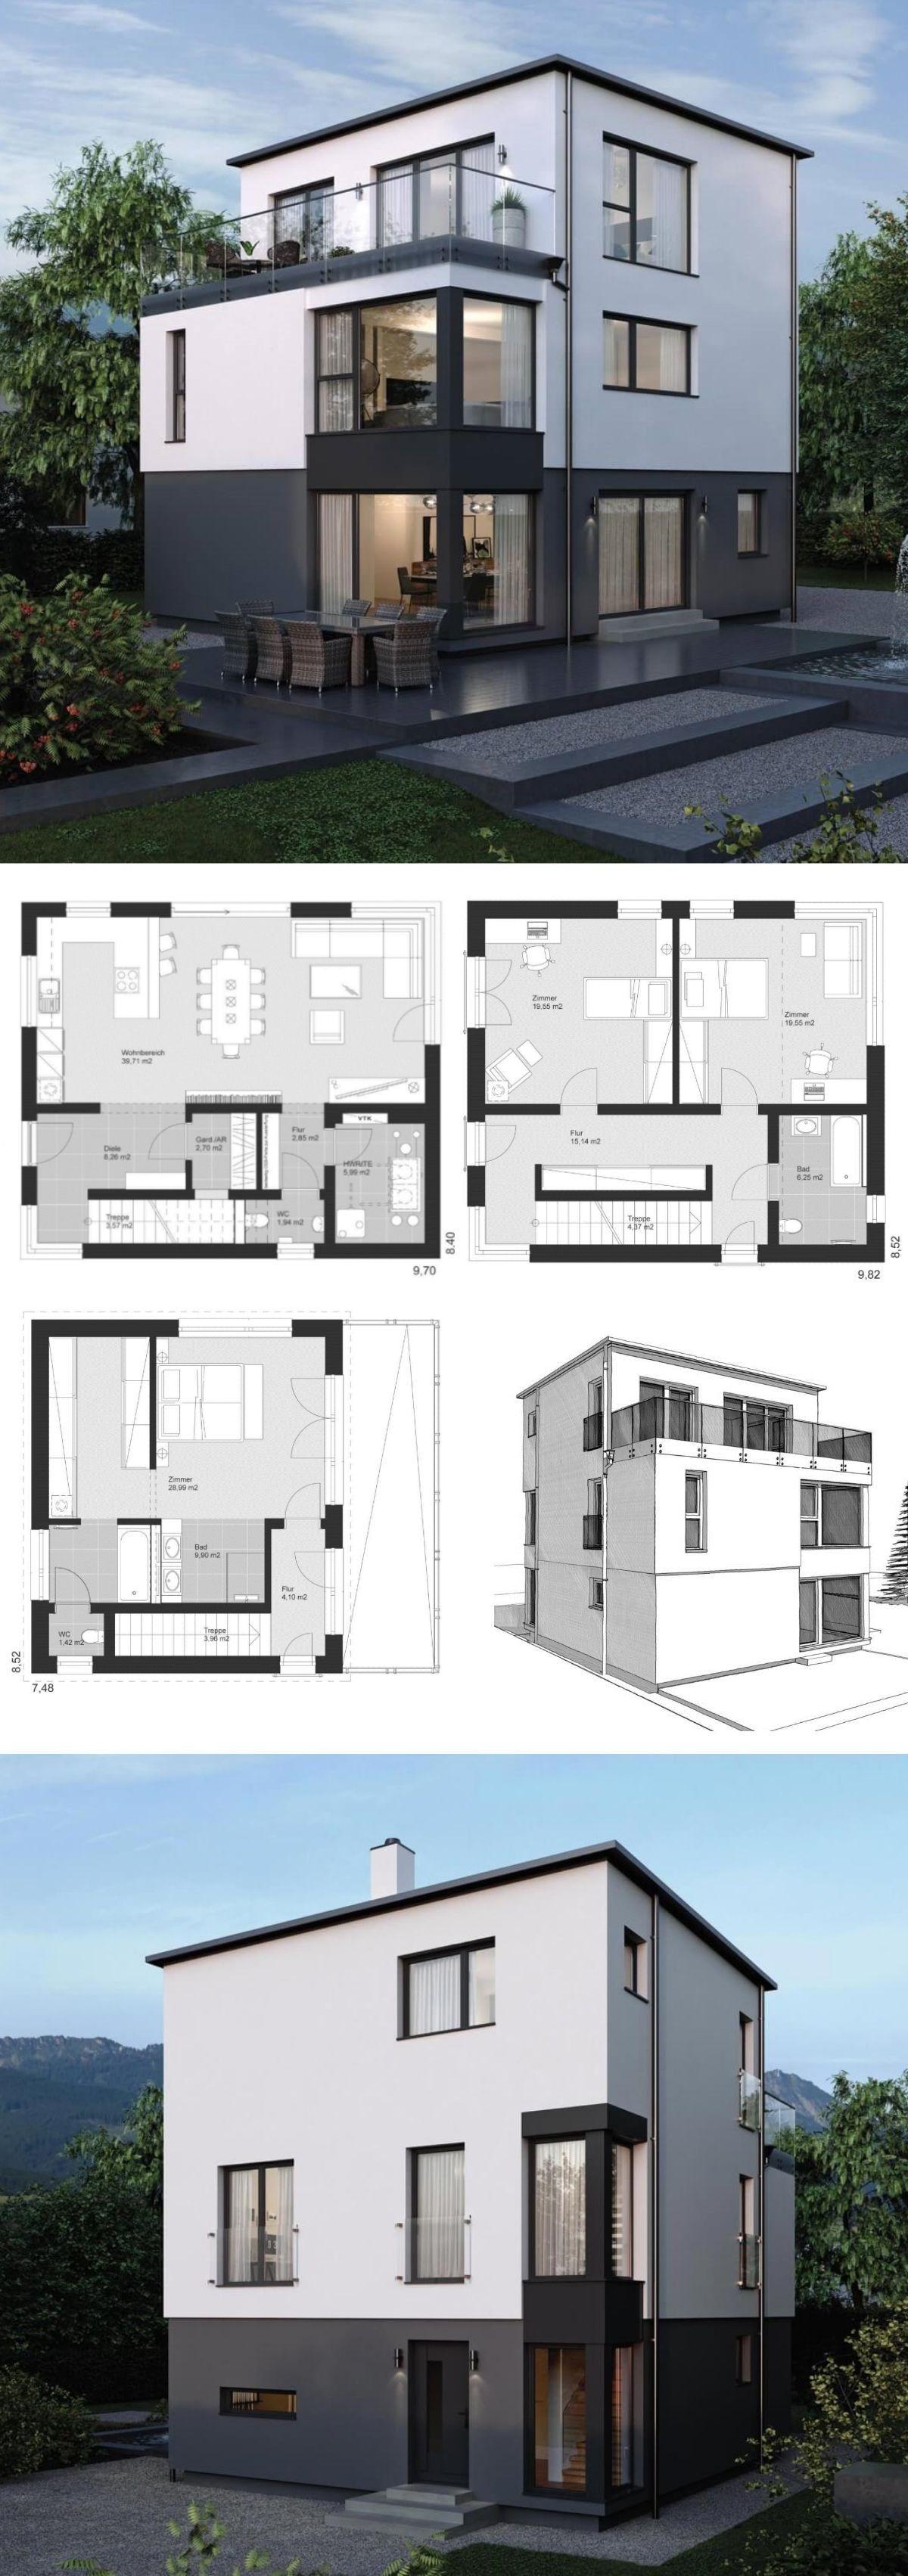 Einfamilienhaus Neubau Modern Mit Flachdach Architektur U0026 3 Vollgeschosse    Fertighaus Bauen Grundriss Ideen ELK Haus